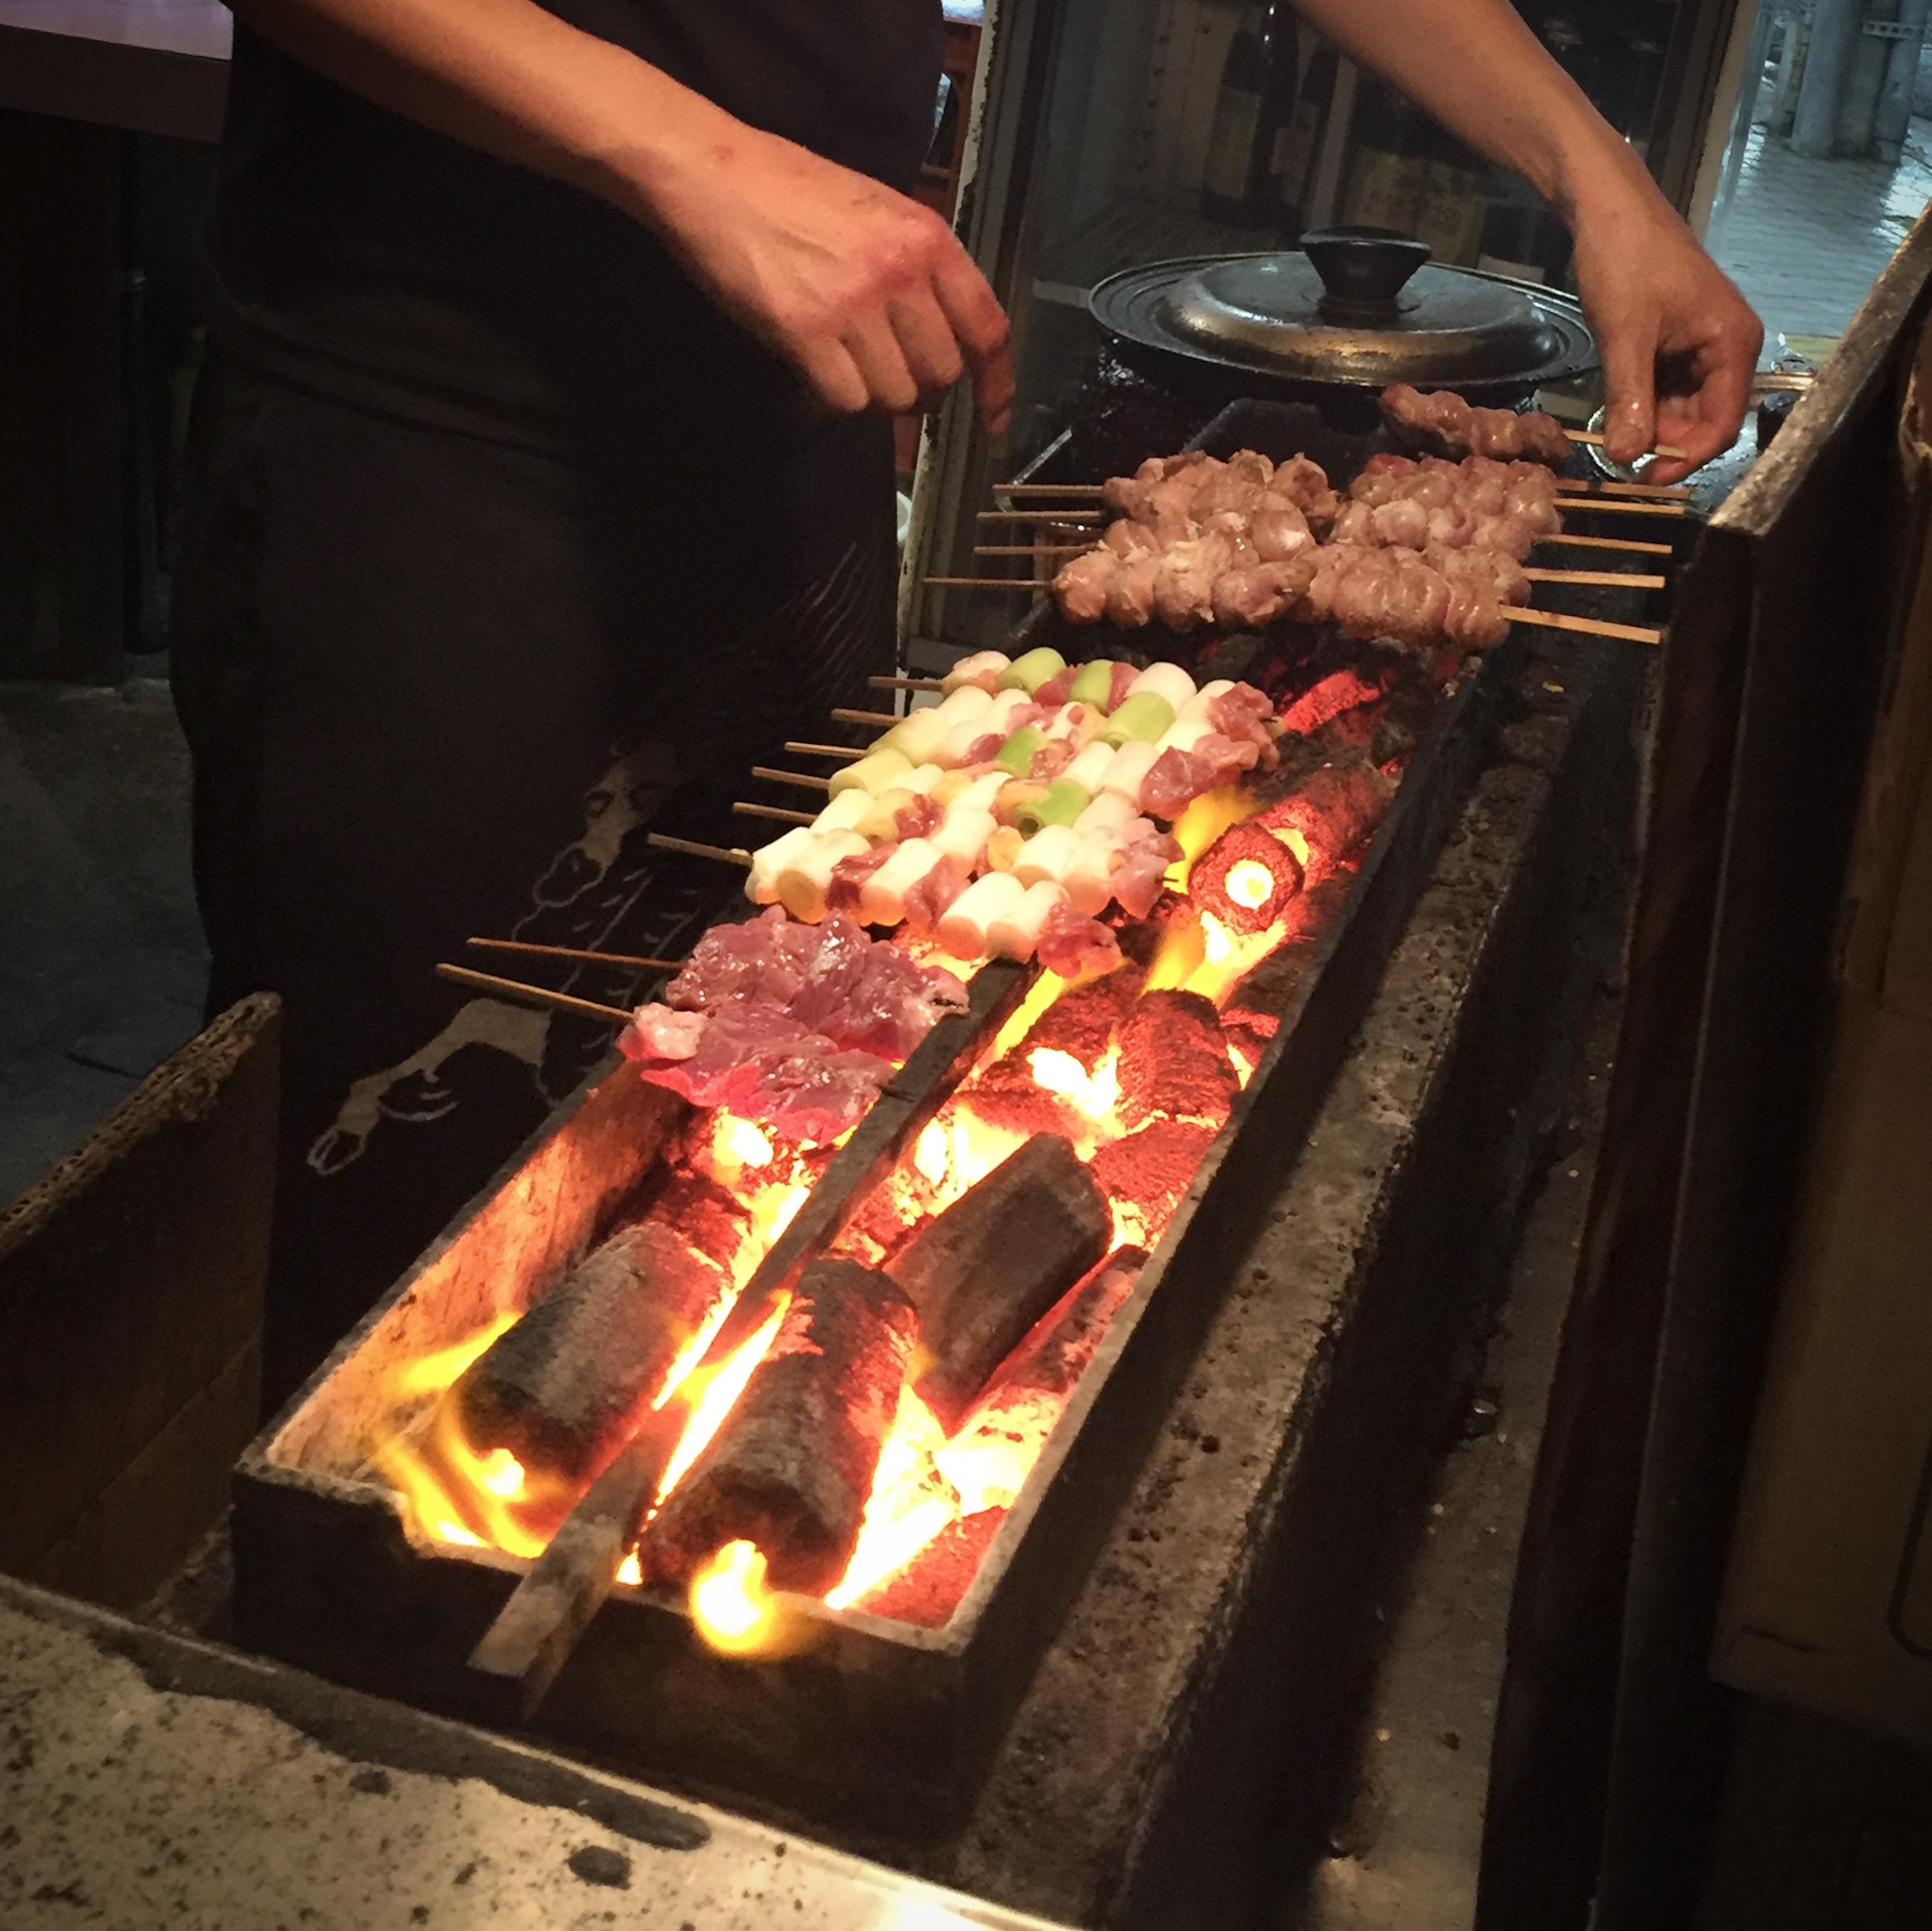 大須のキタナシュラン的な焼き鳥屋さん角屋